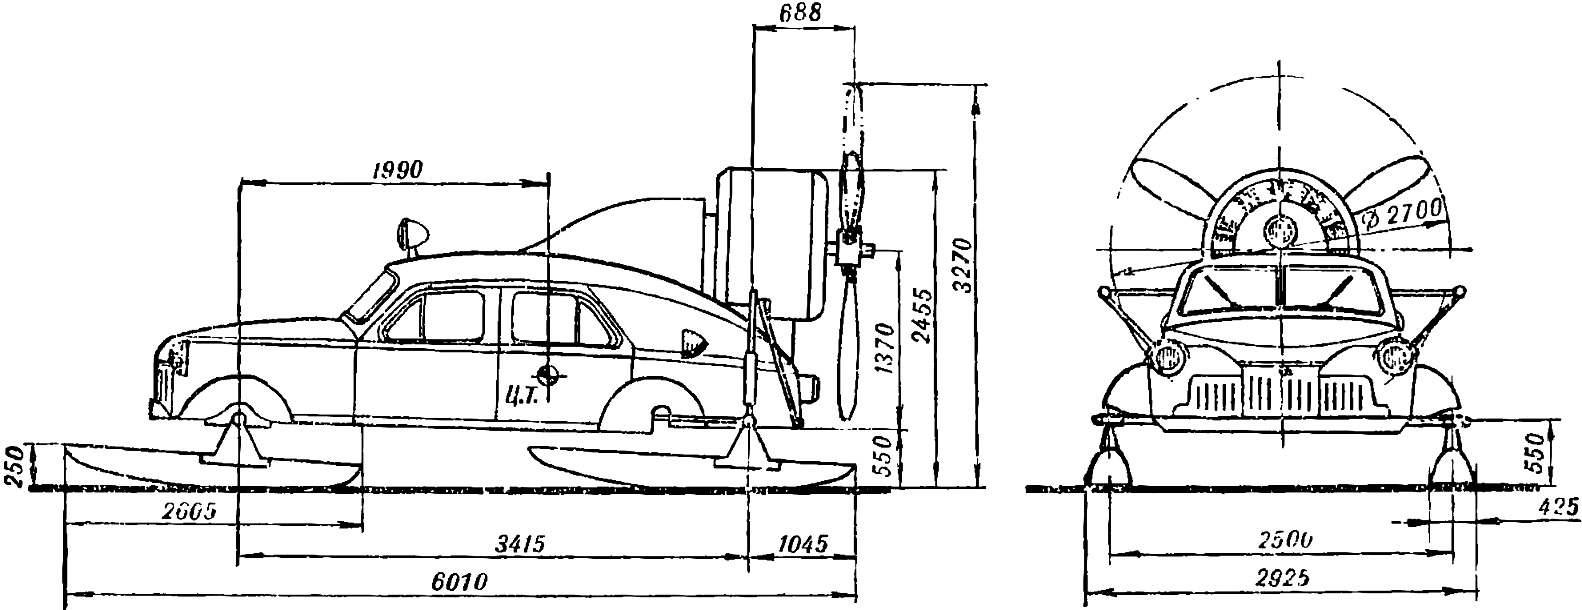 Рис. 1. Общий вид и габаритные размеры аэросаней «Север-2».